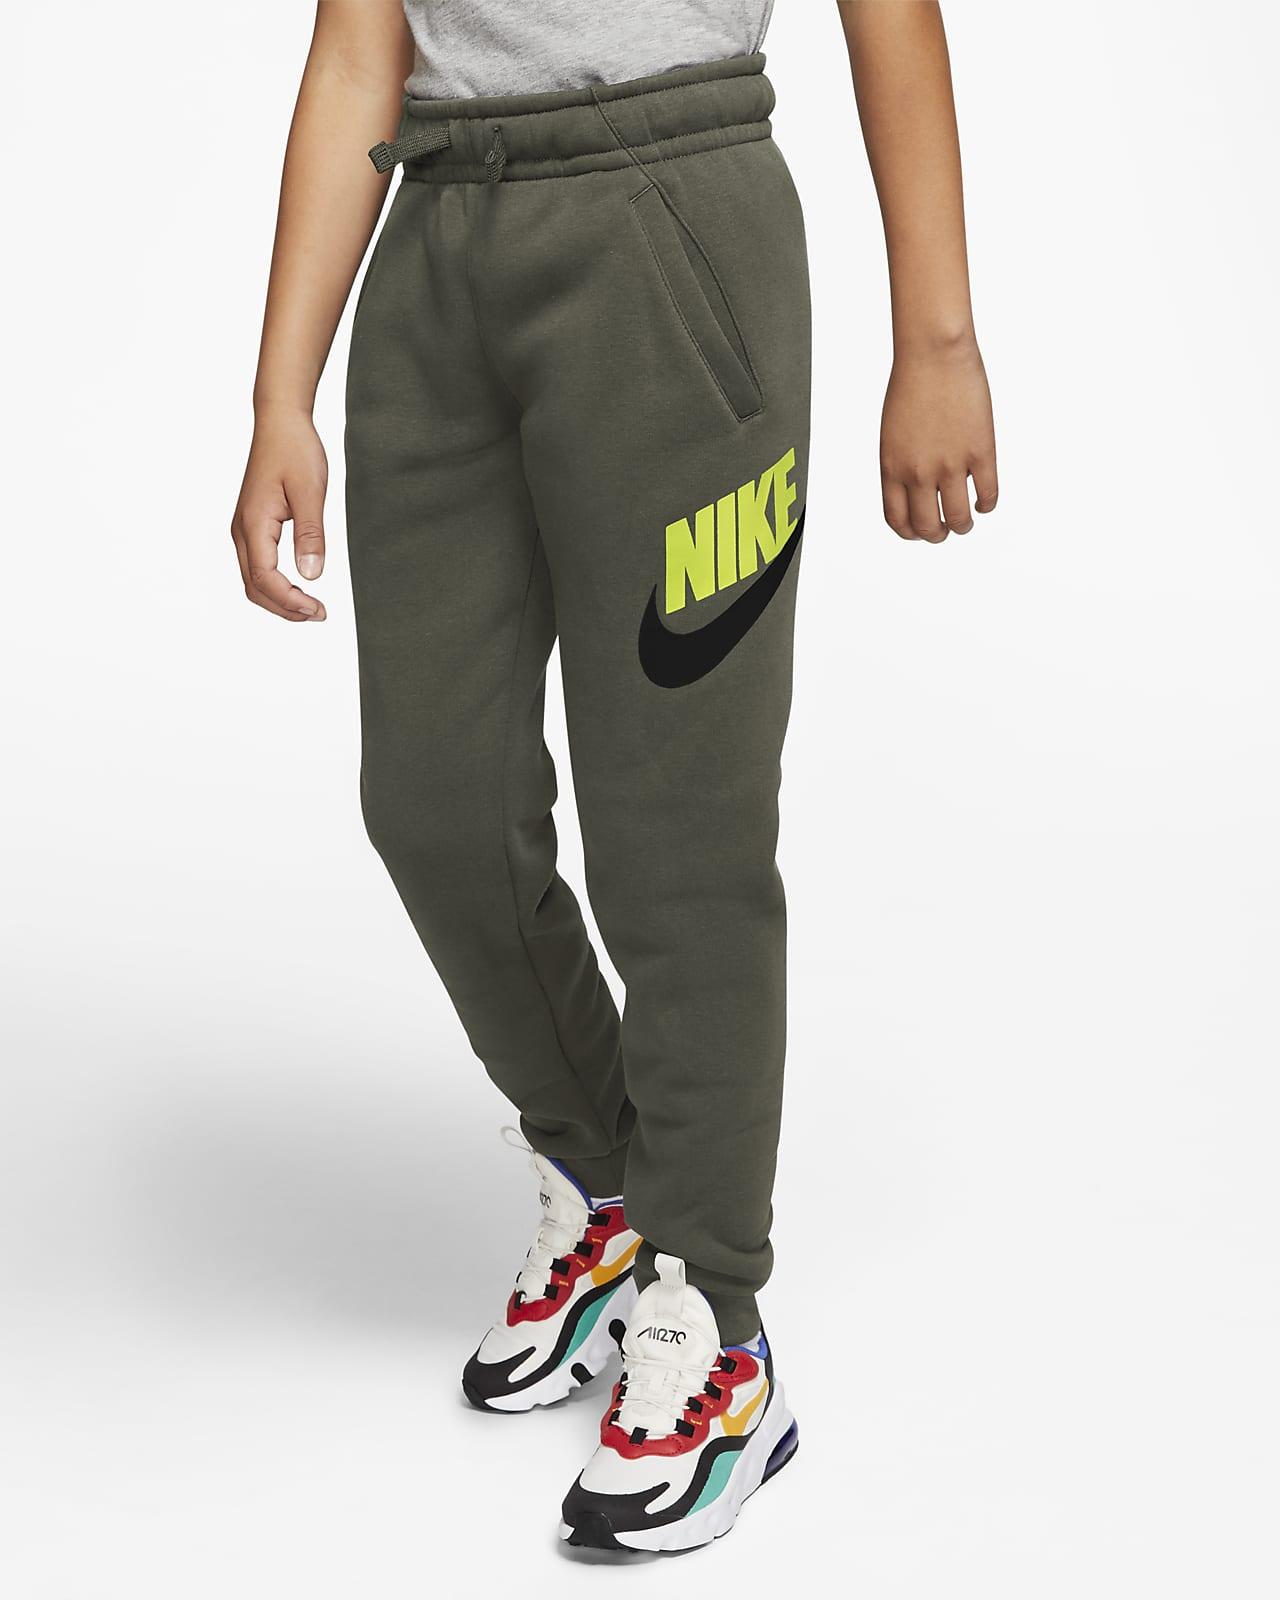 Nike Sportswear Club Fleece Genç Çocuk (Erkek) Eşofman Altı